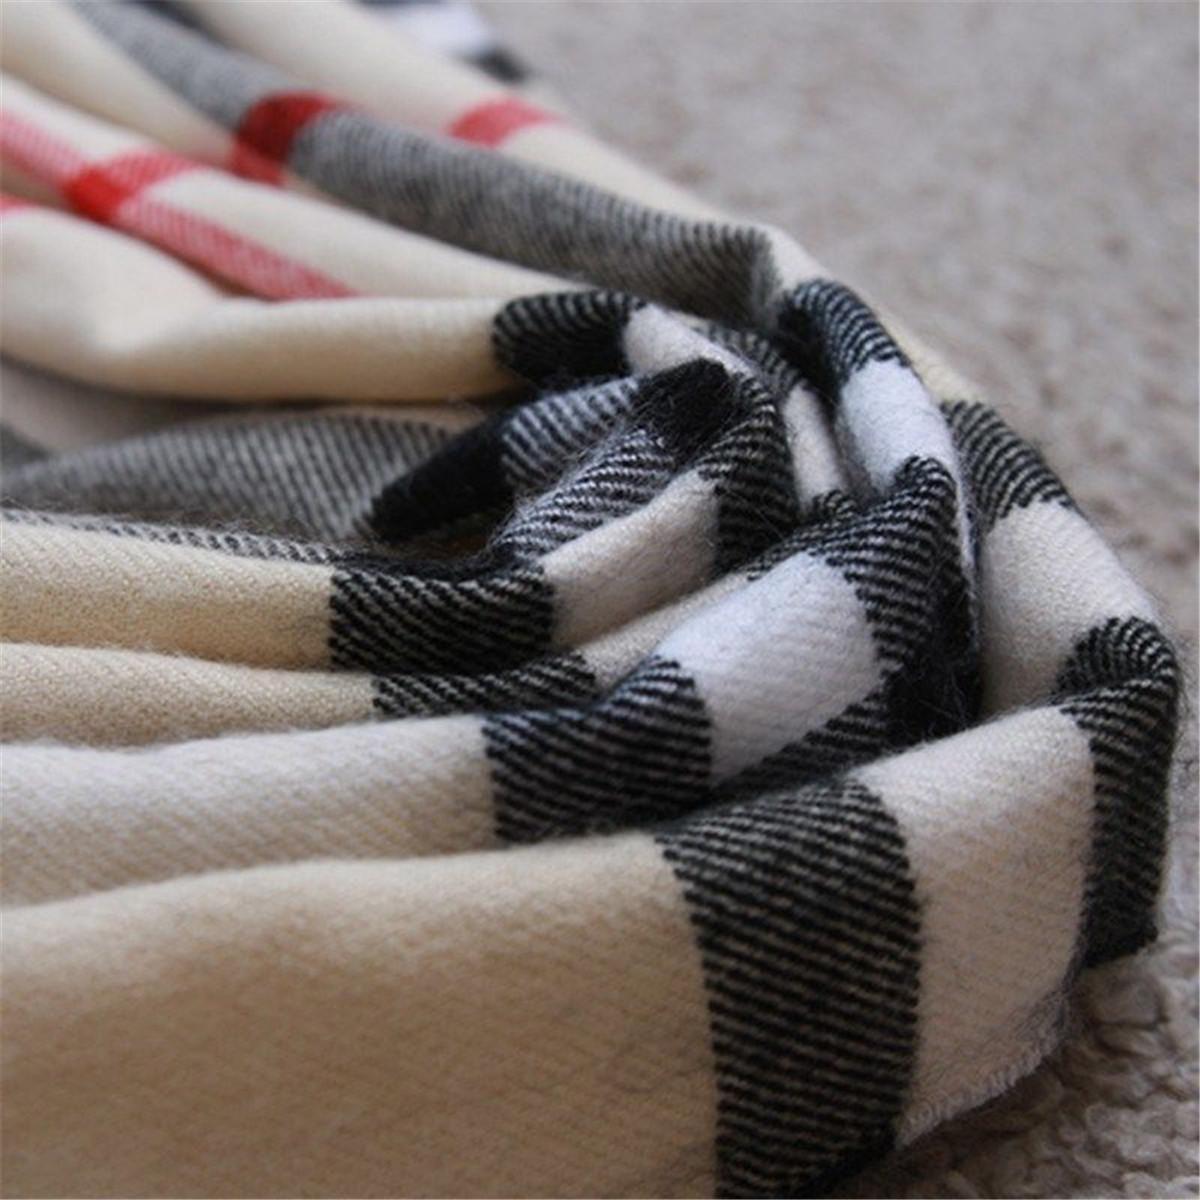 Al por mayor diseñador de lujo de lujo lady bufanda clásico mujer plaid chal tamaño 180 * 70 cm bufandas cálidas cómodas con estilo y de alta gama